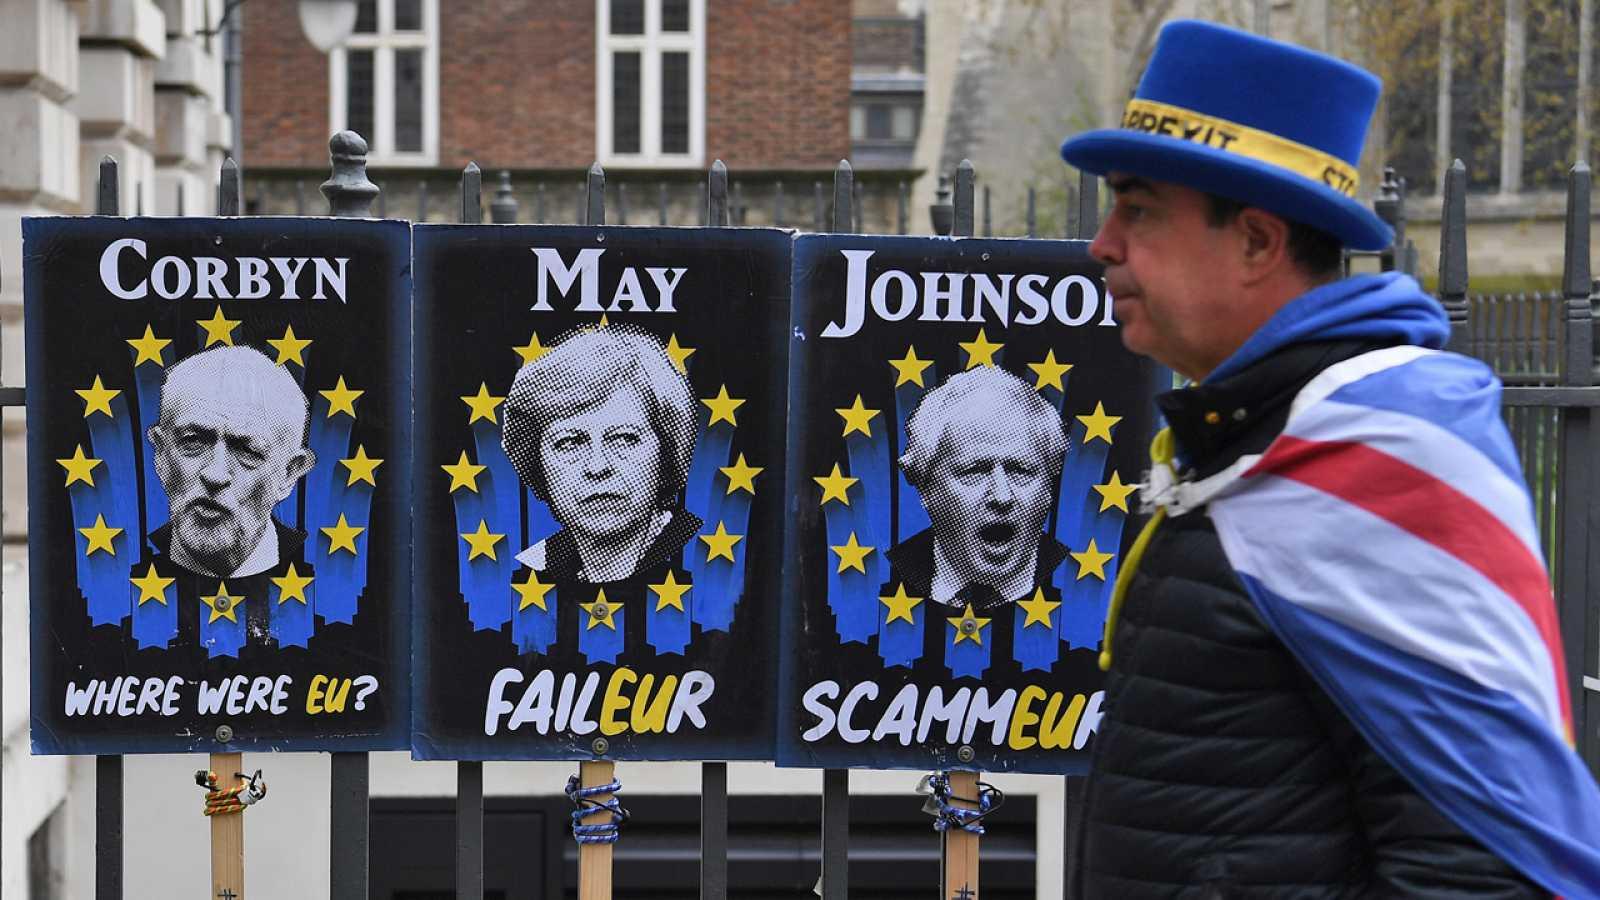 El señor 'Stop Brexit' pasea ante carteles contra Corbyn, May y Johnson en Londres